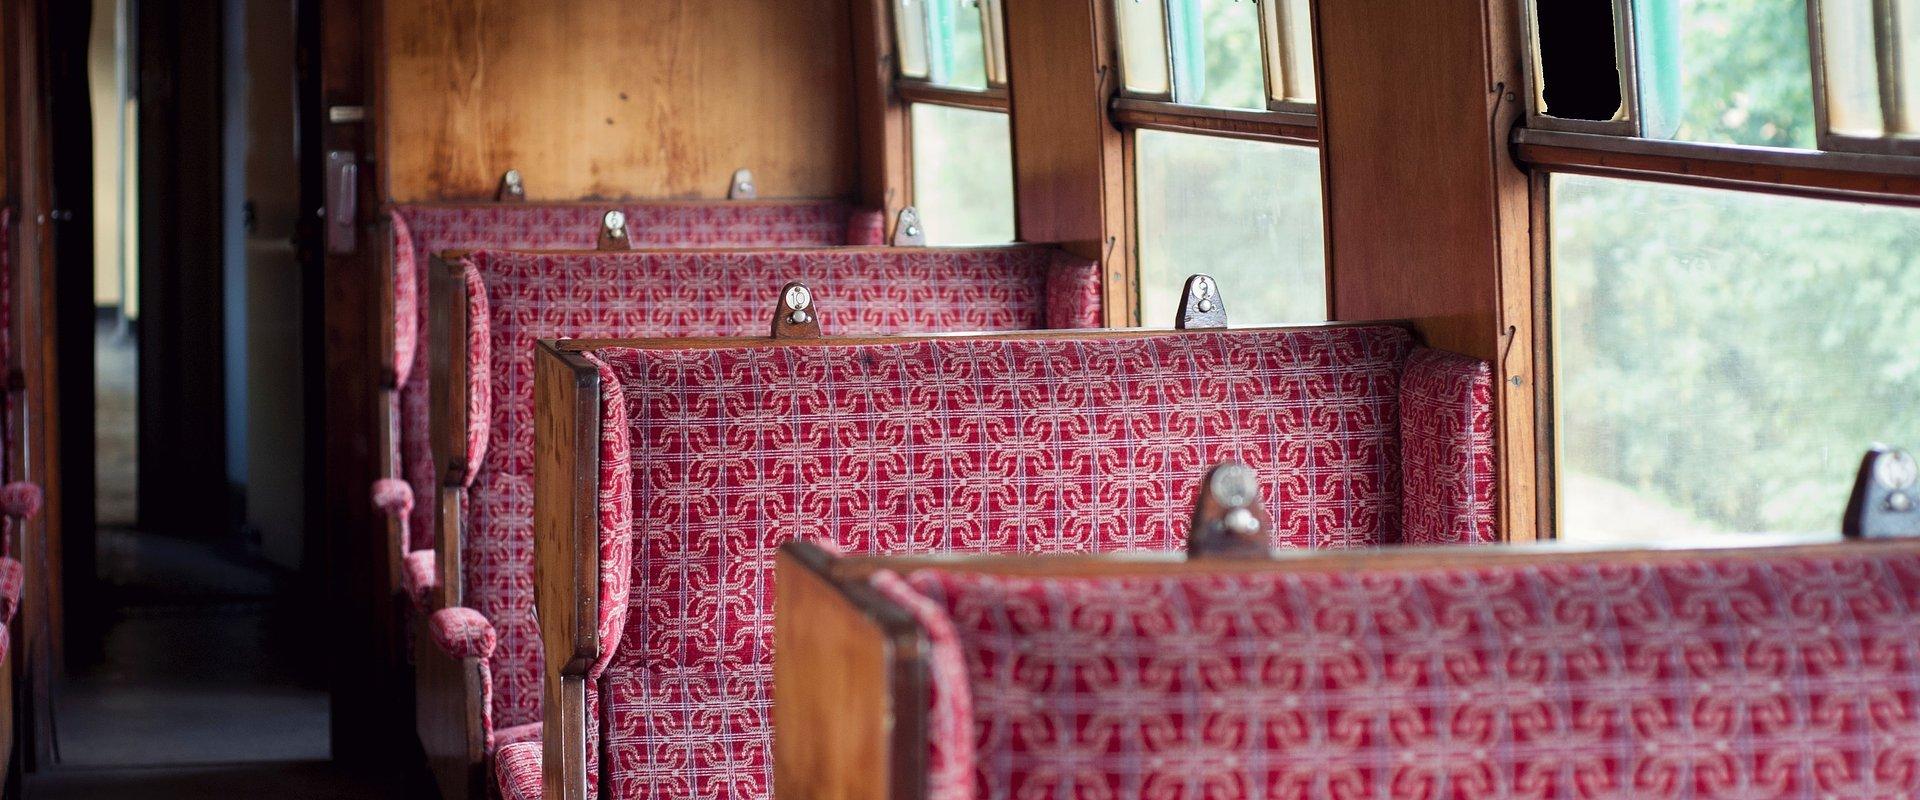 MaiaShopping recebe exposição MEMÓRIAS DA MAIA – Transporte sobre carris